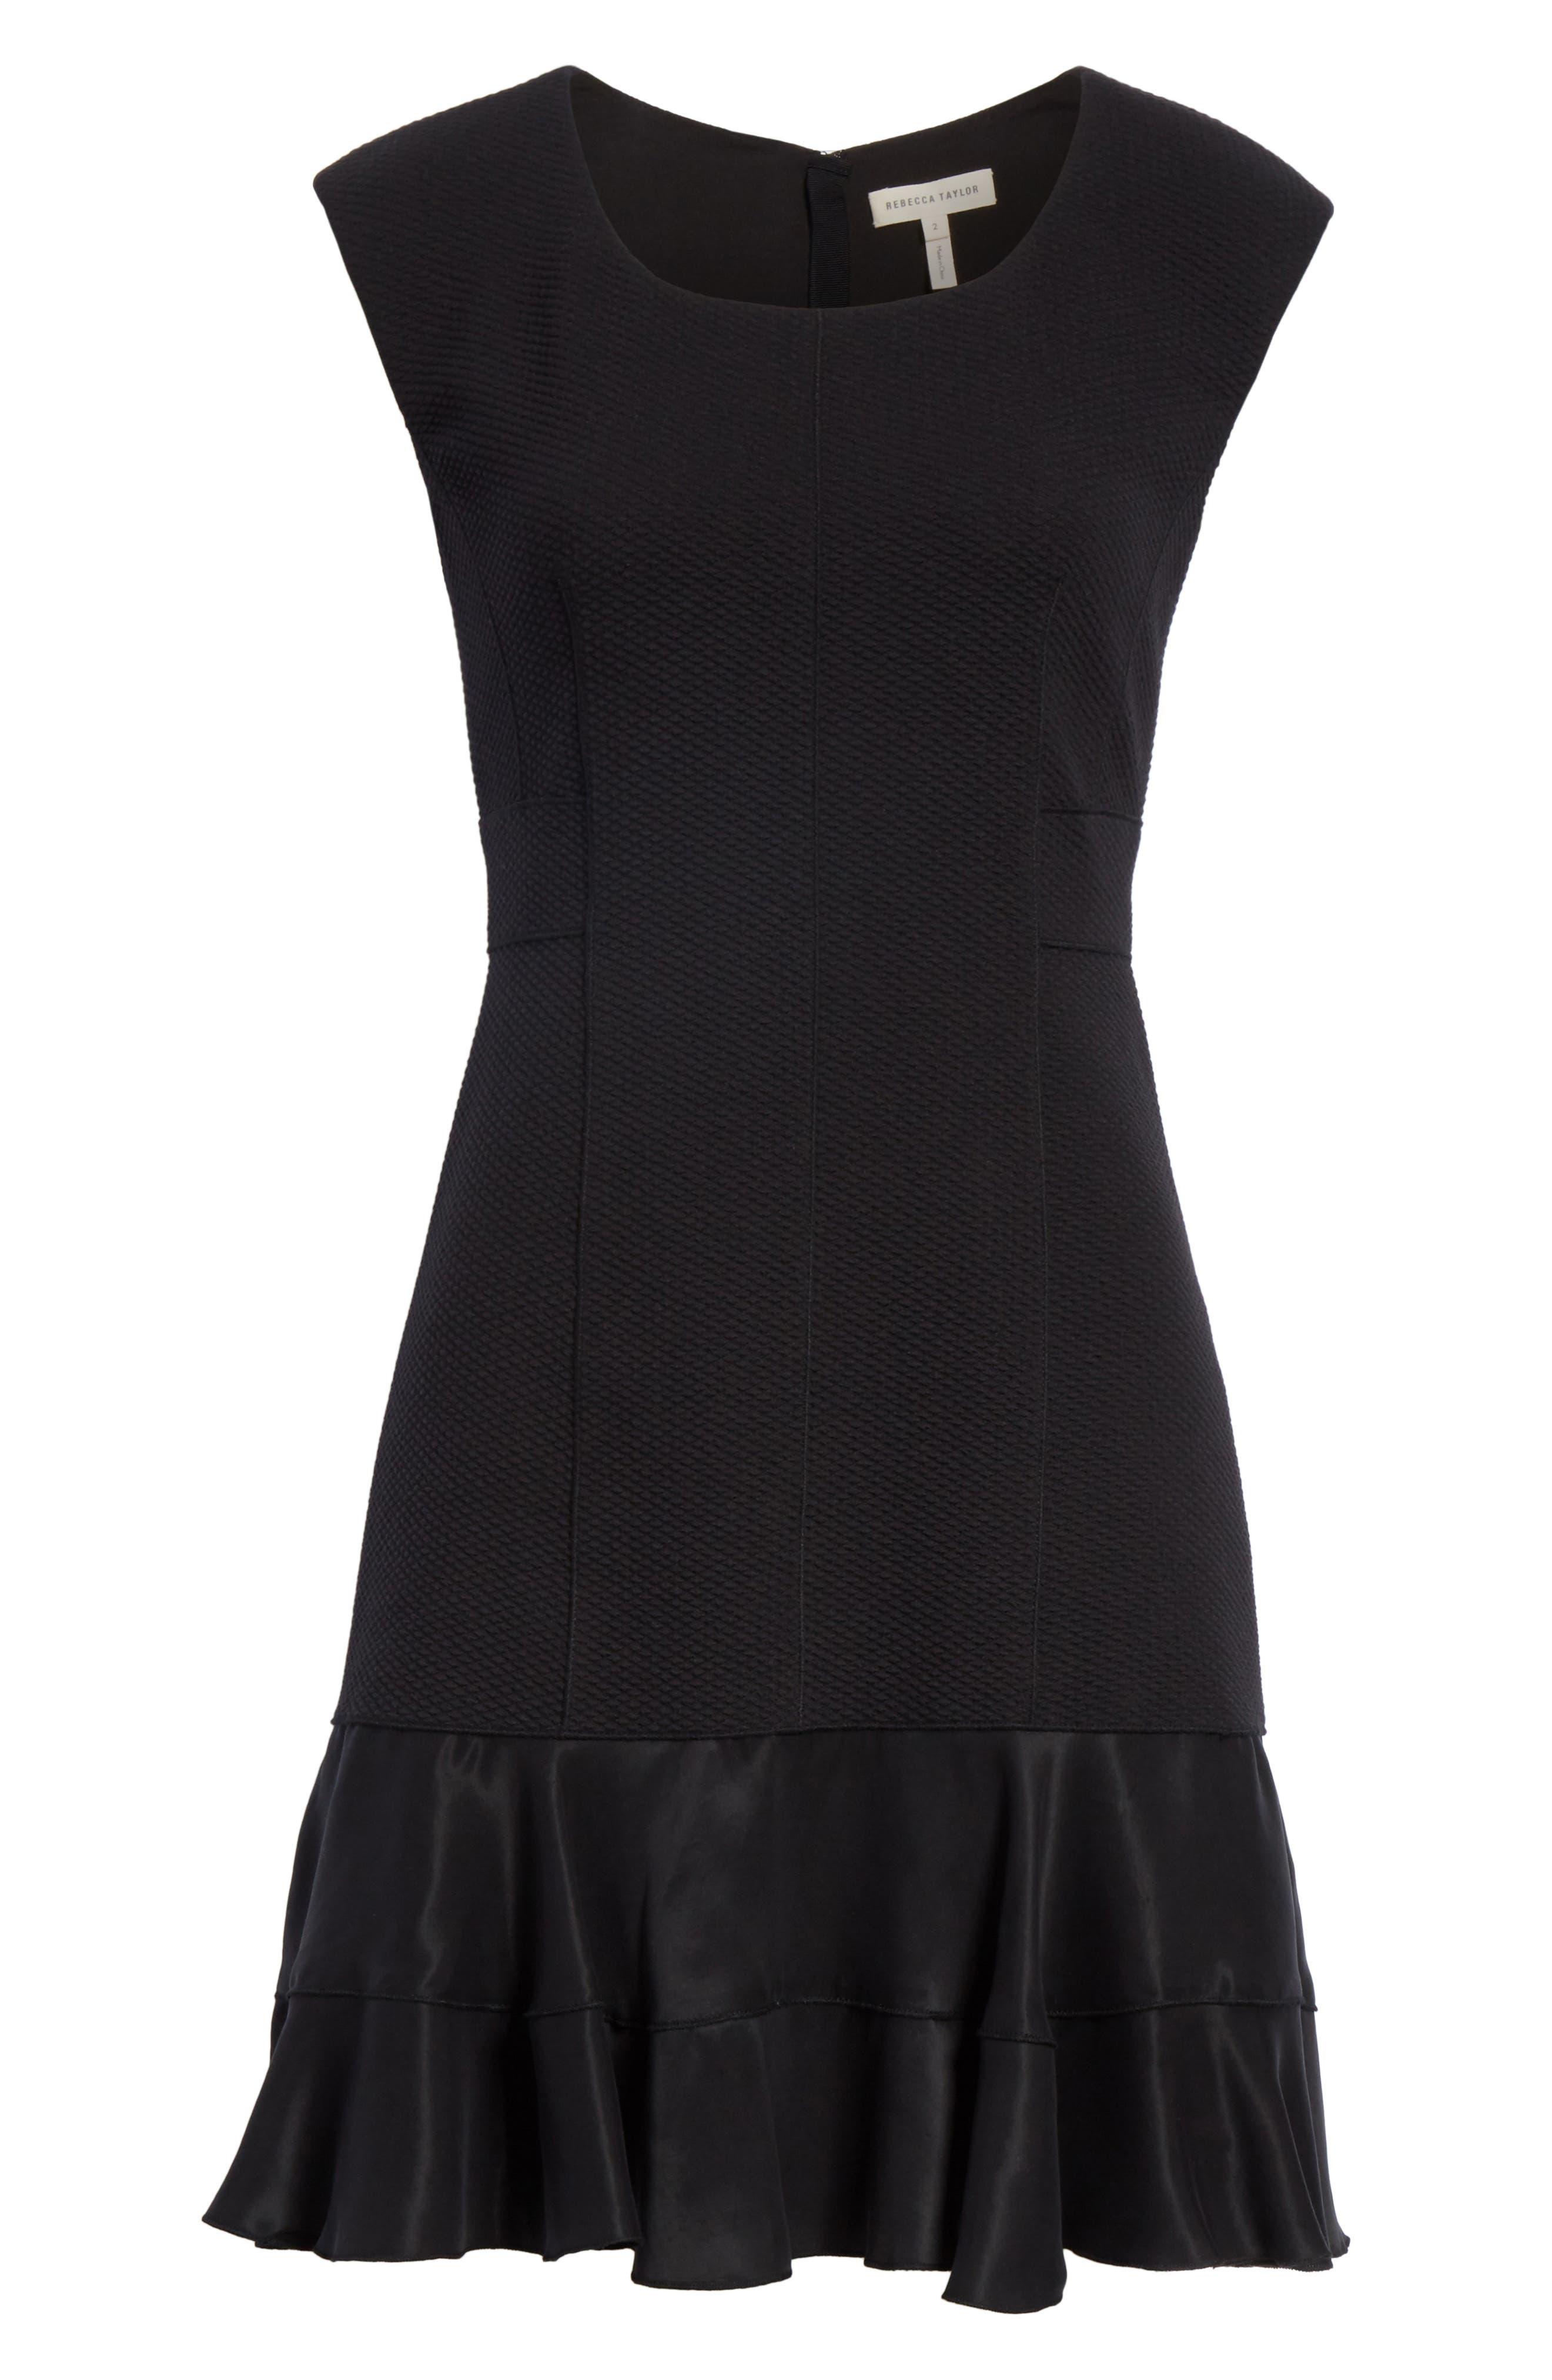 Terri Dress,                             Alternate thumbnail 6, color,                             Black